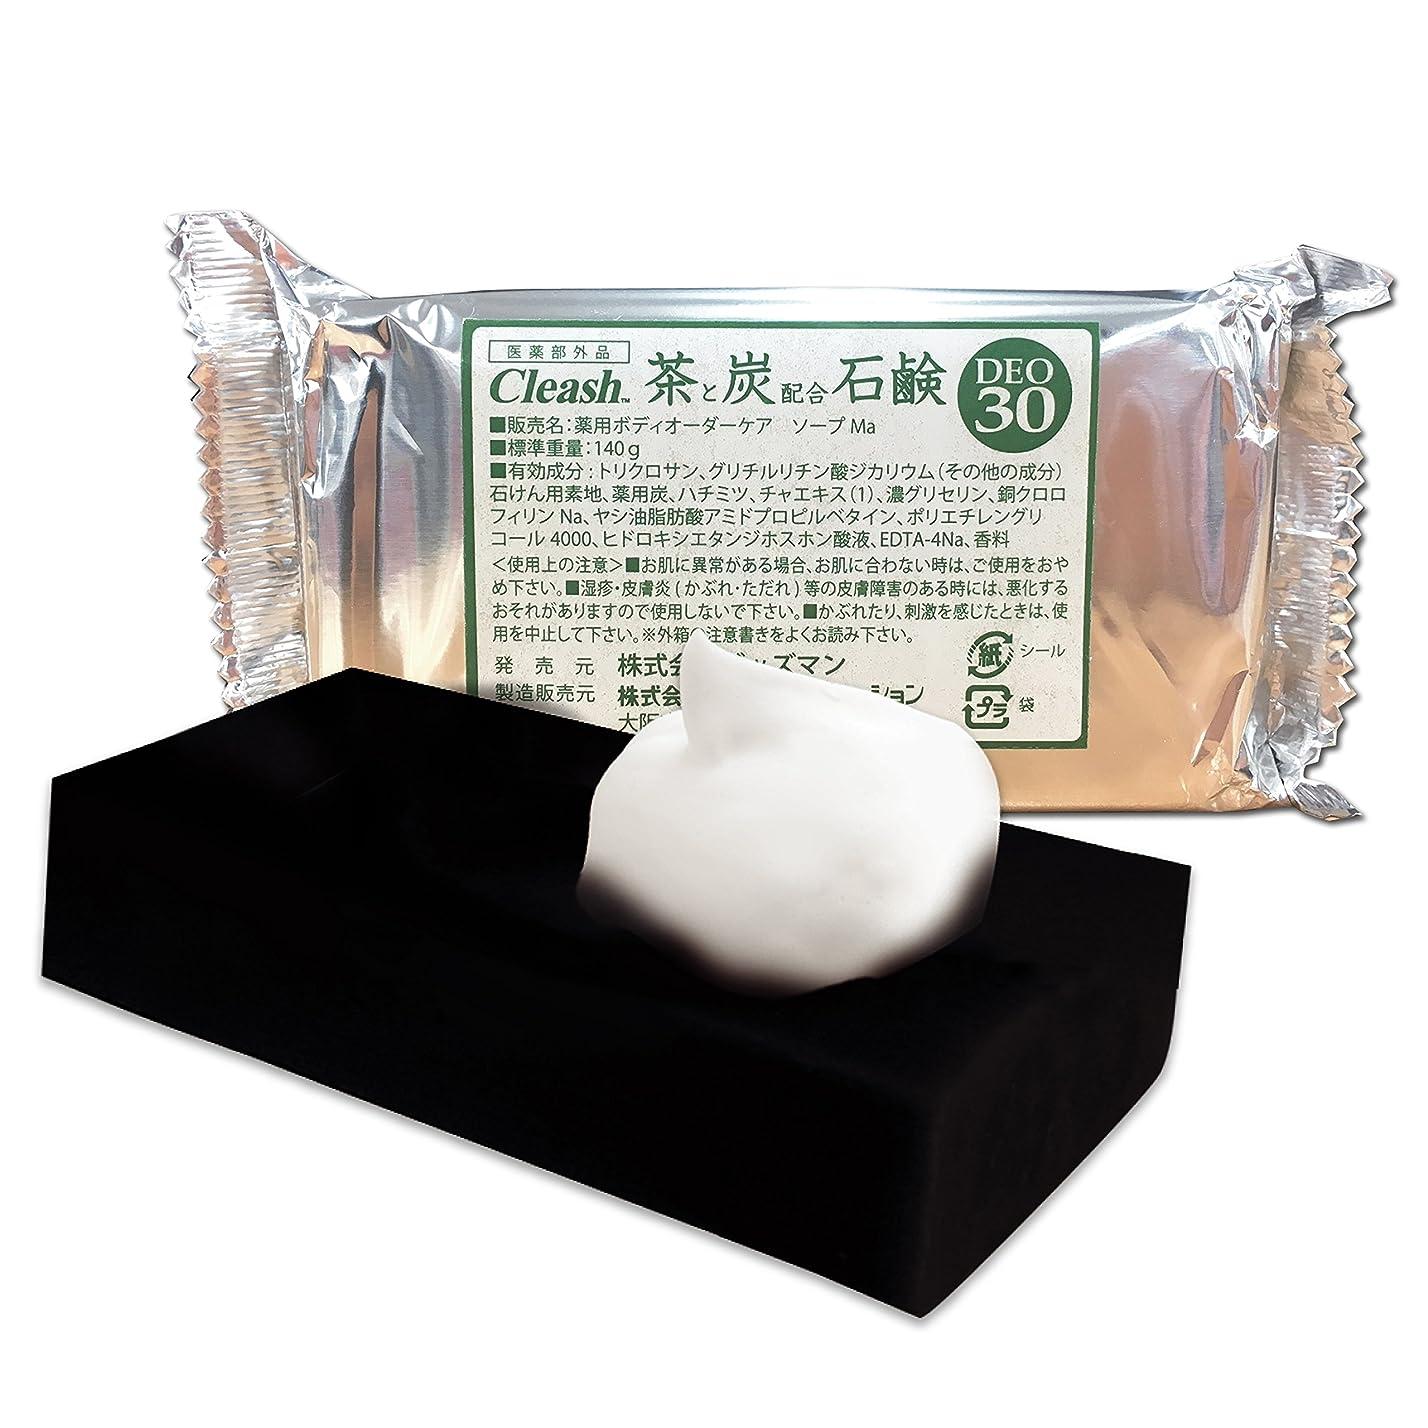 トピック減るゴミ箱クリアッシュ 薬用 炭茶石鹸 (医薬部外品)